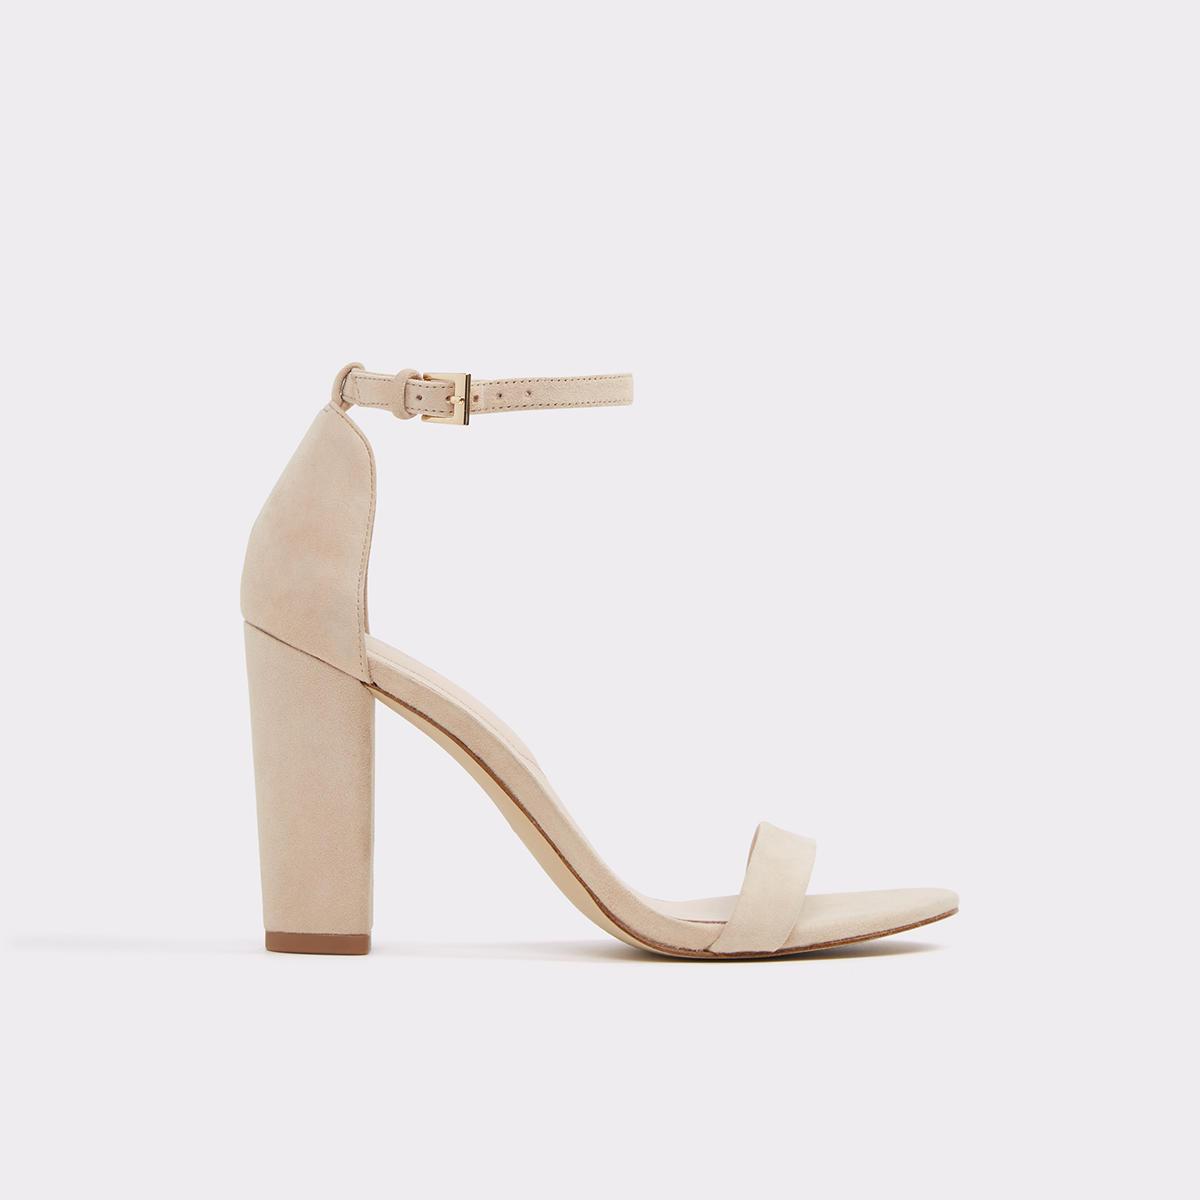 f3b15b85bda0 Myly Bone Suede Women s Sandals